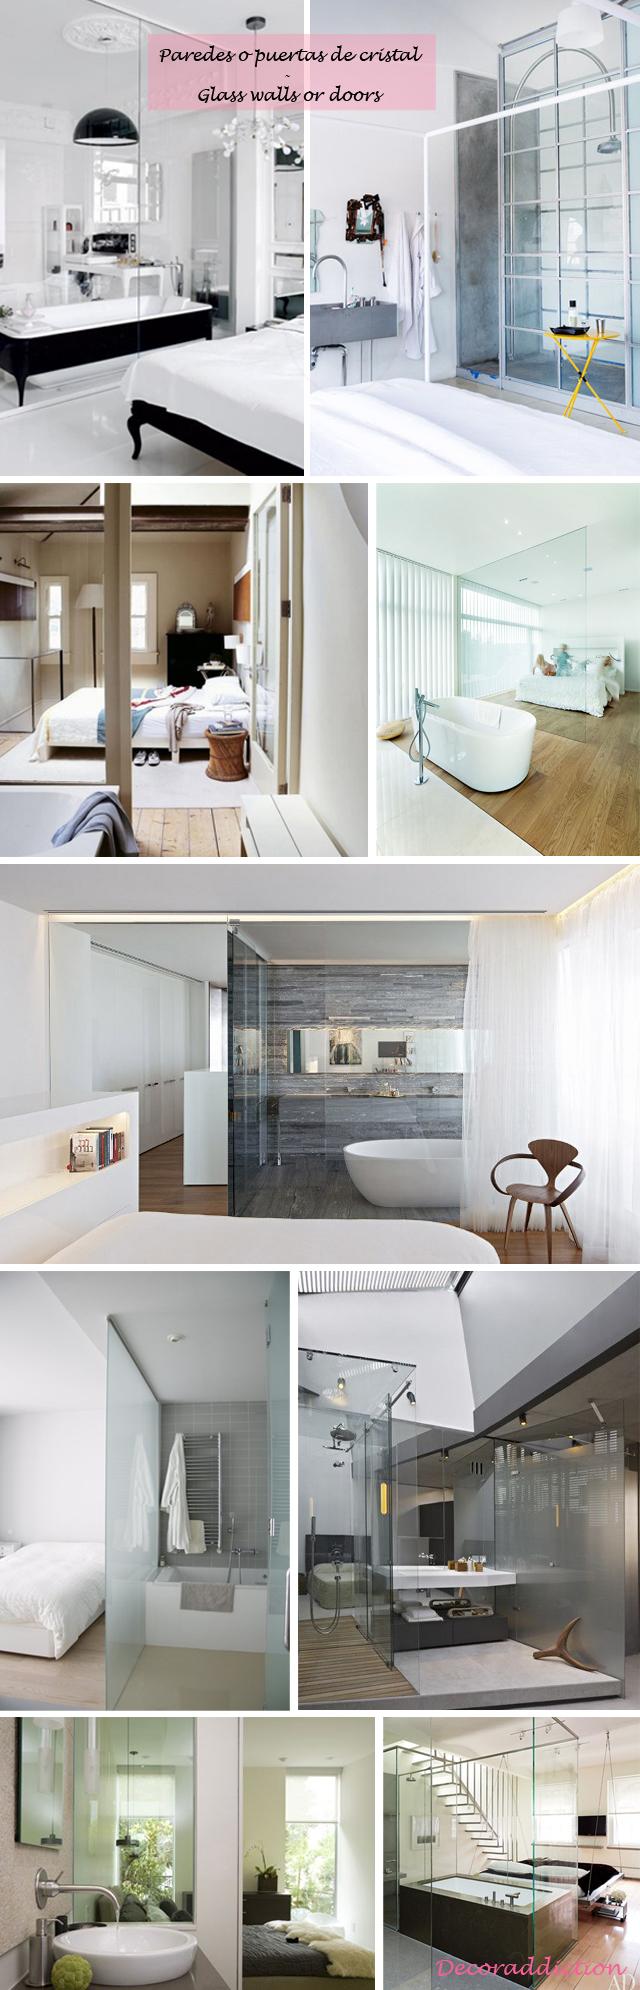 Baños integrados en el dormitorio - Bathrooms integrated in the bedroom_paredes de cristal